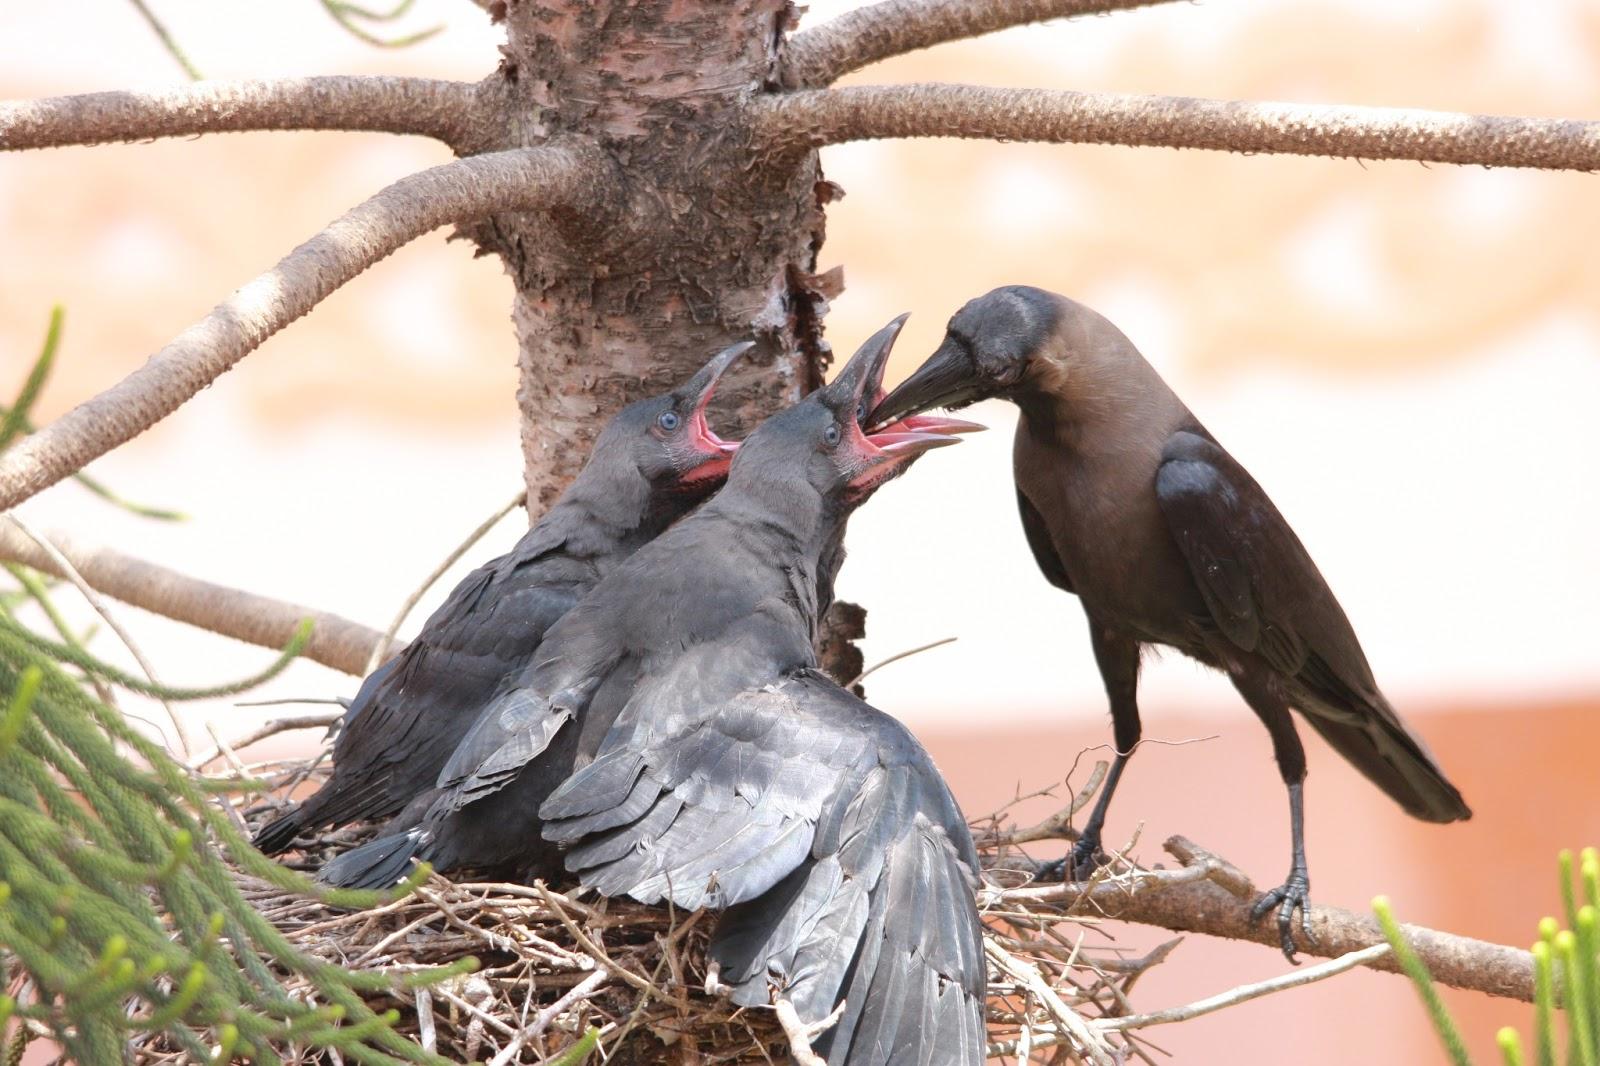 கண்ணு பட போகுதய்யா..! House+crow